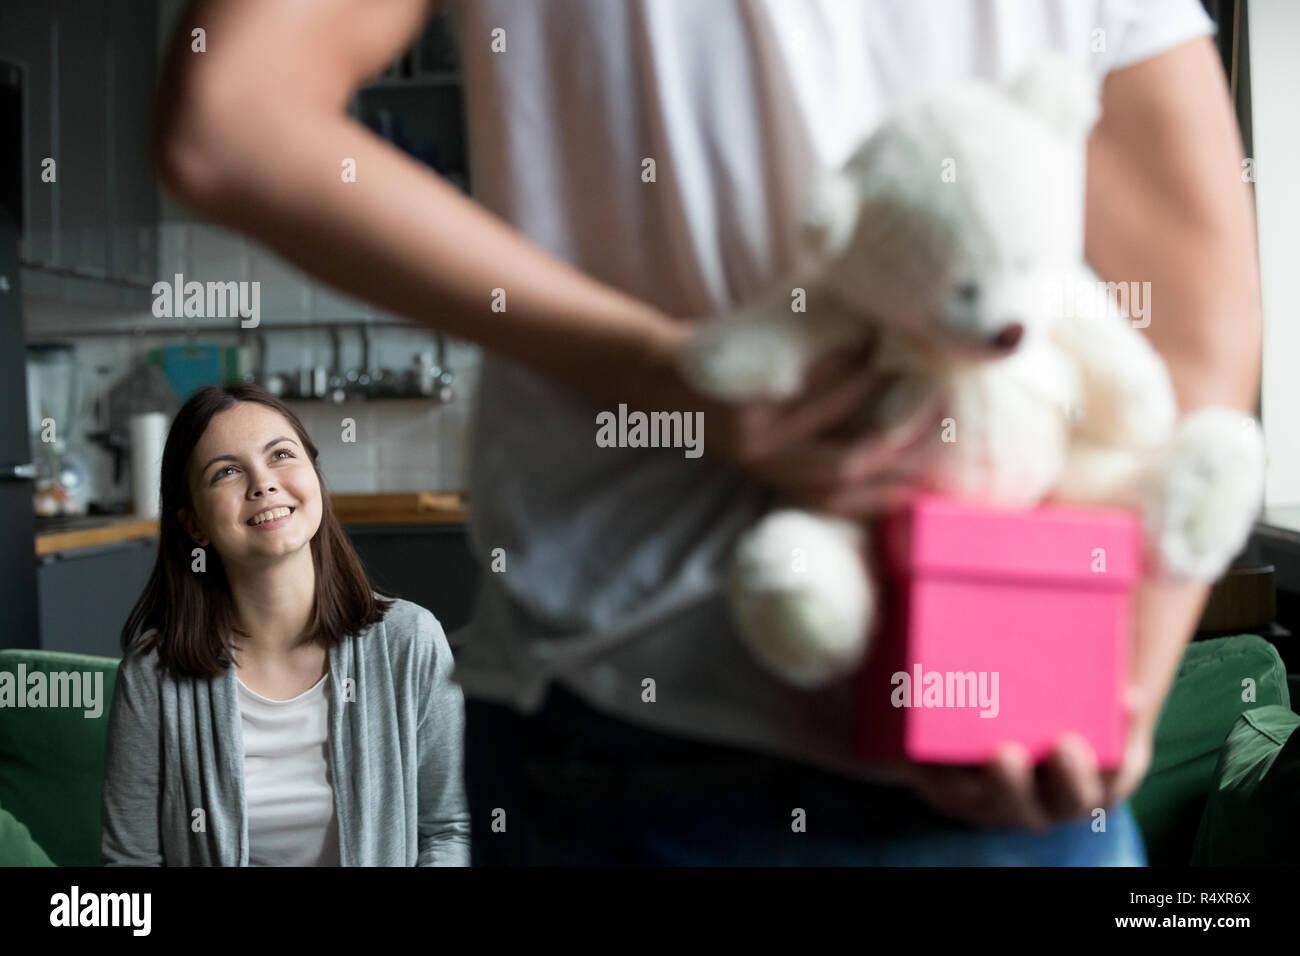 Petit ami ont un cadeau pour fille bien-aimé Photo Stock